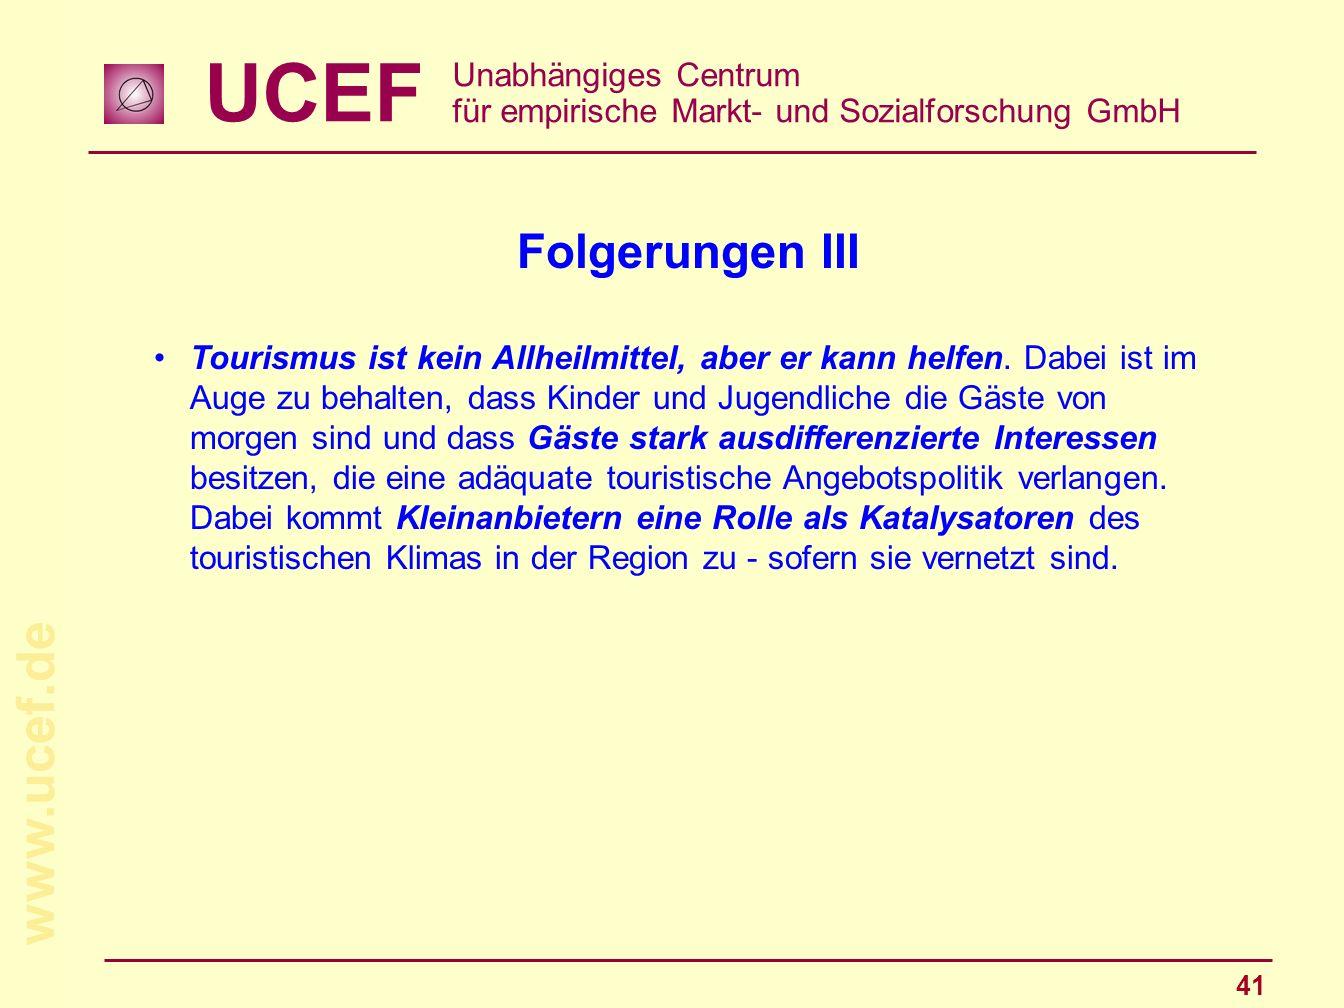 UCEF Unabhängiges Centrum für empirische Markt- und Sozialforschung GmbH www.ucef.de 41 Folgerungen III Tourismus ist kein Allheilmittel, aber er kann